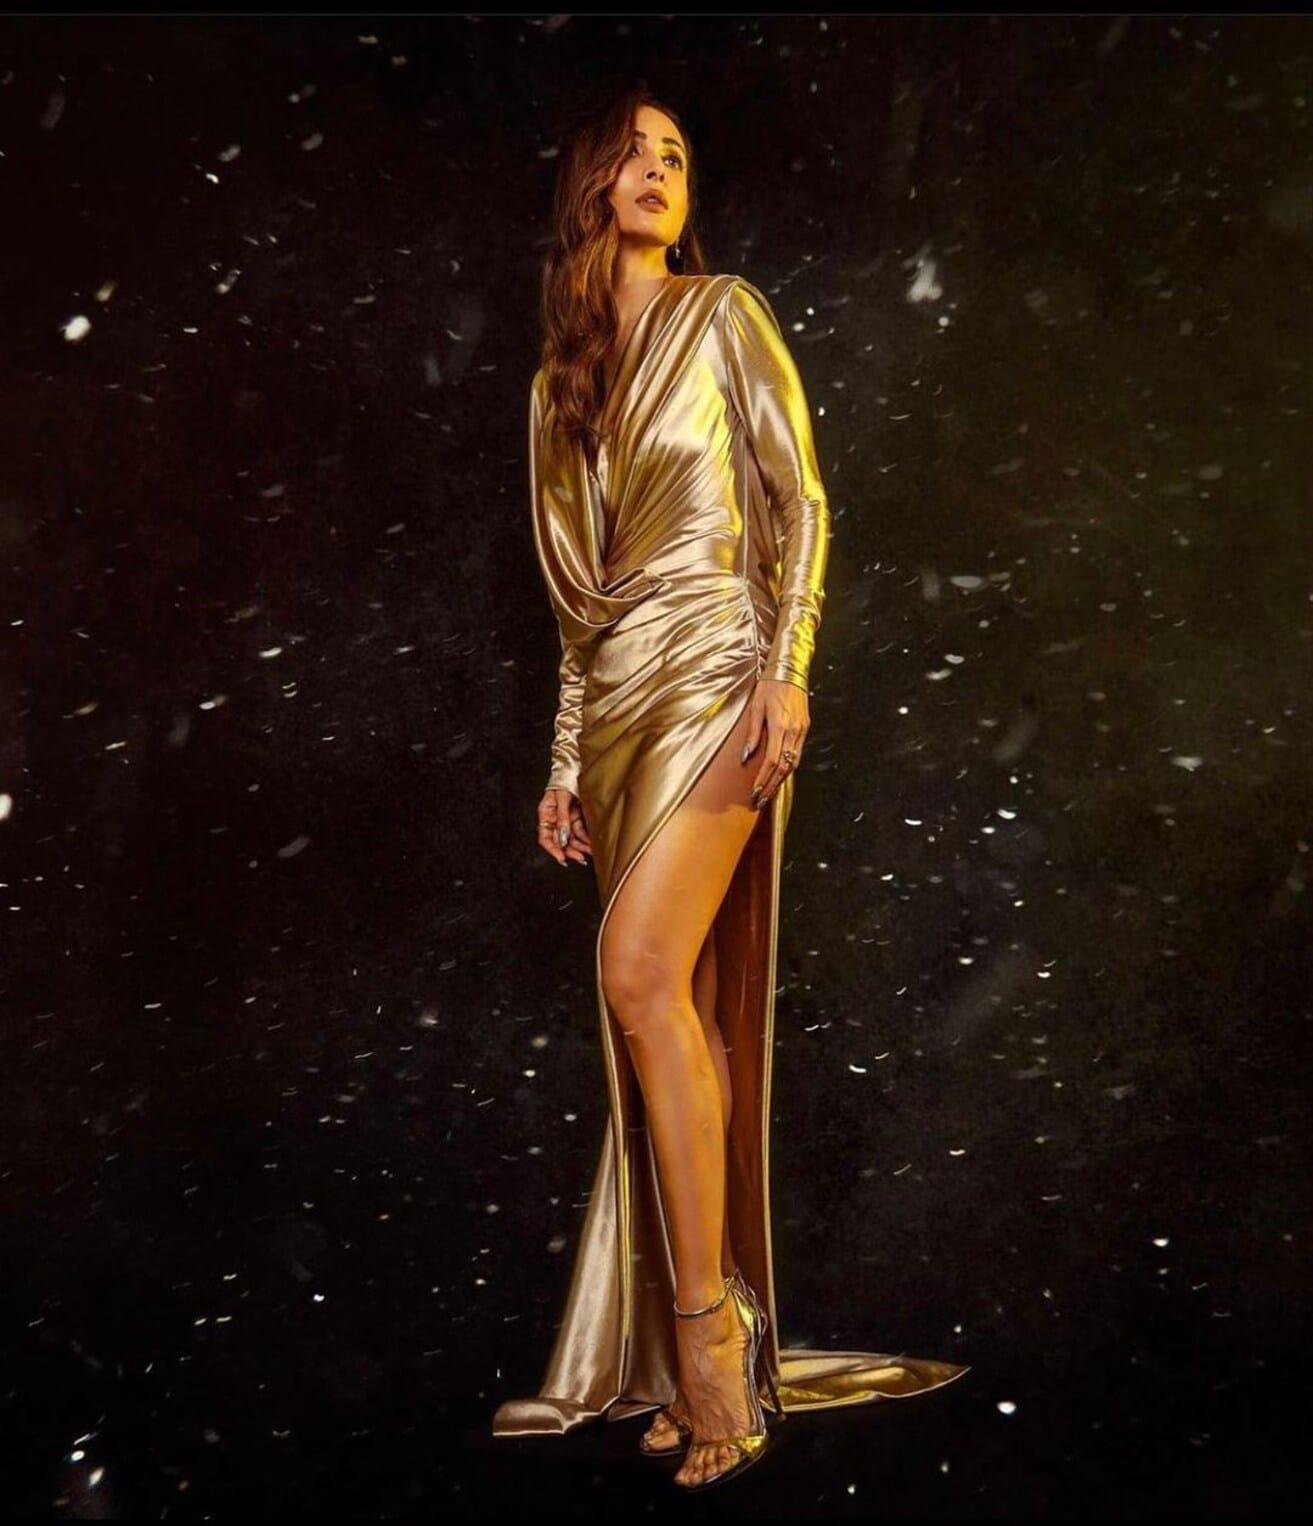 सोनेरी रंगाच्या गाऊनमध्ये मलायका खूपच सुंदर आणि बोल्ड दिसत आहे.